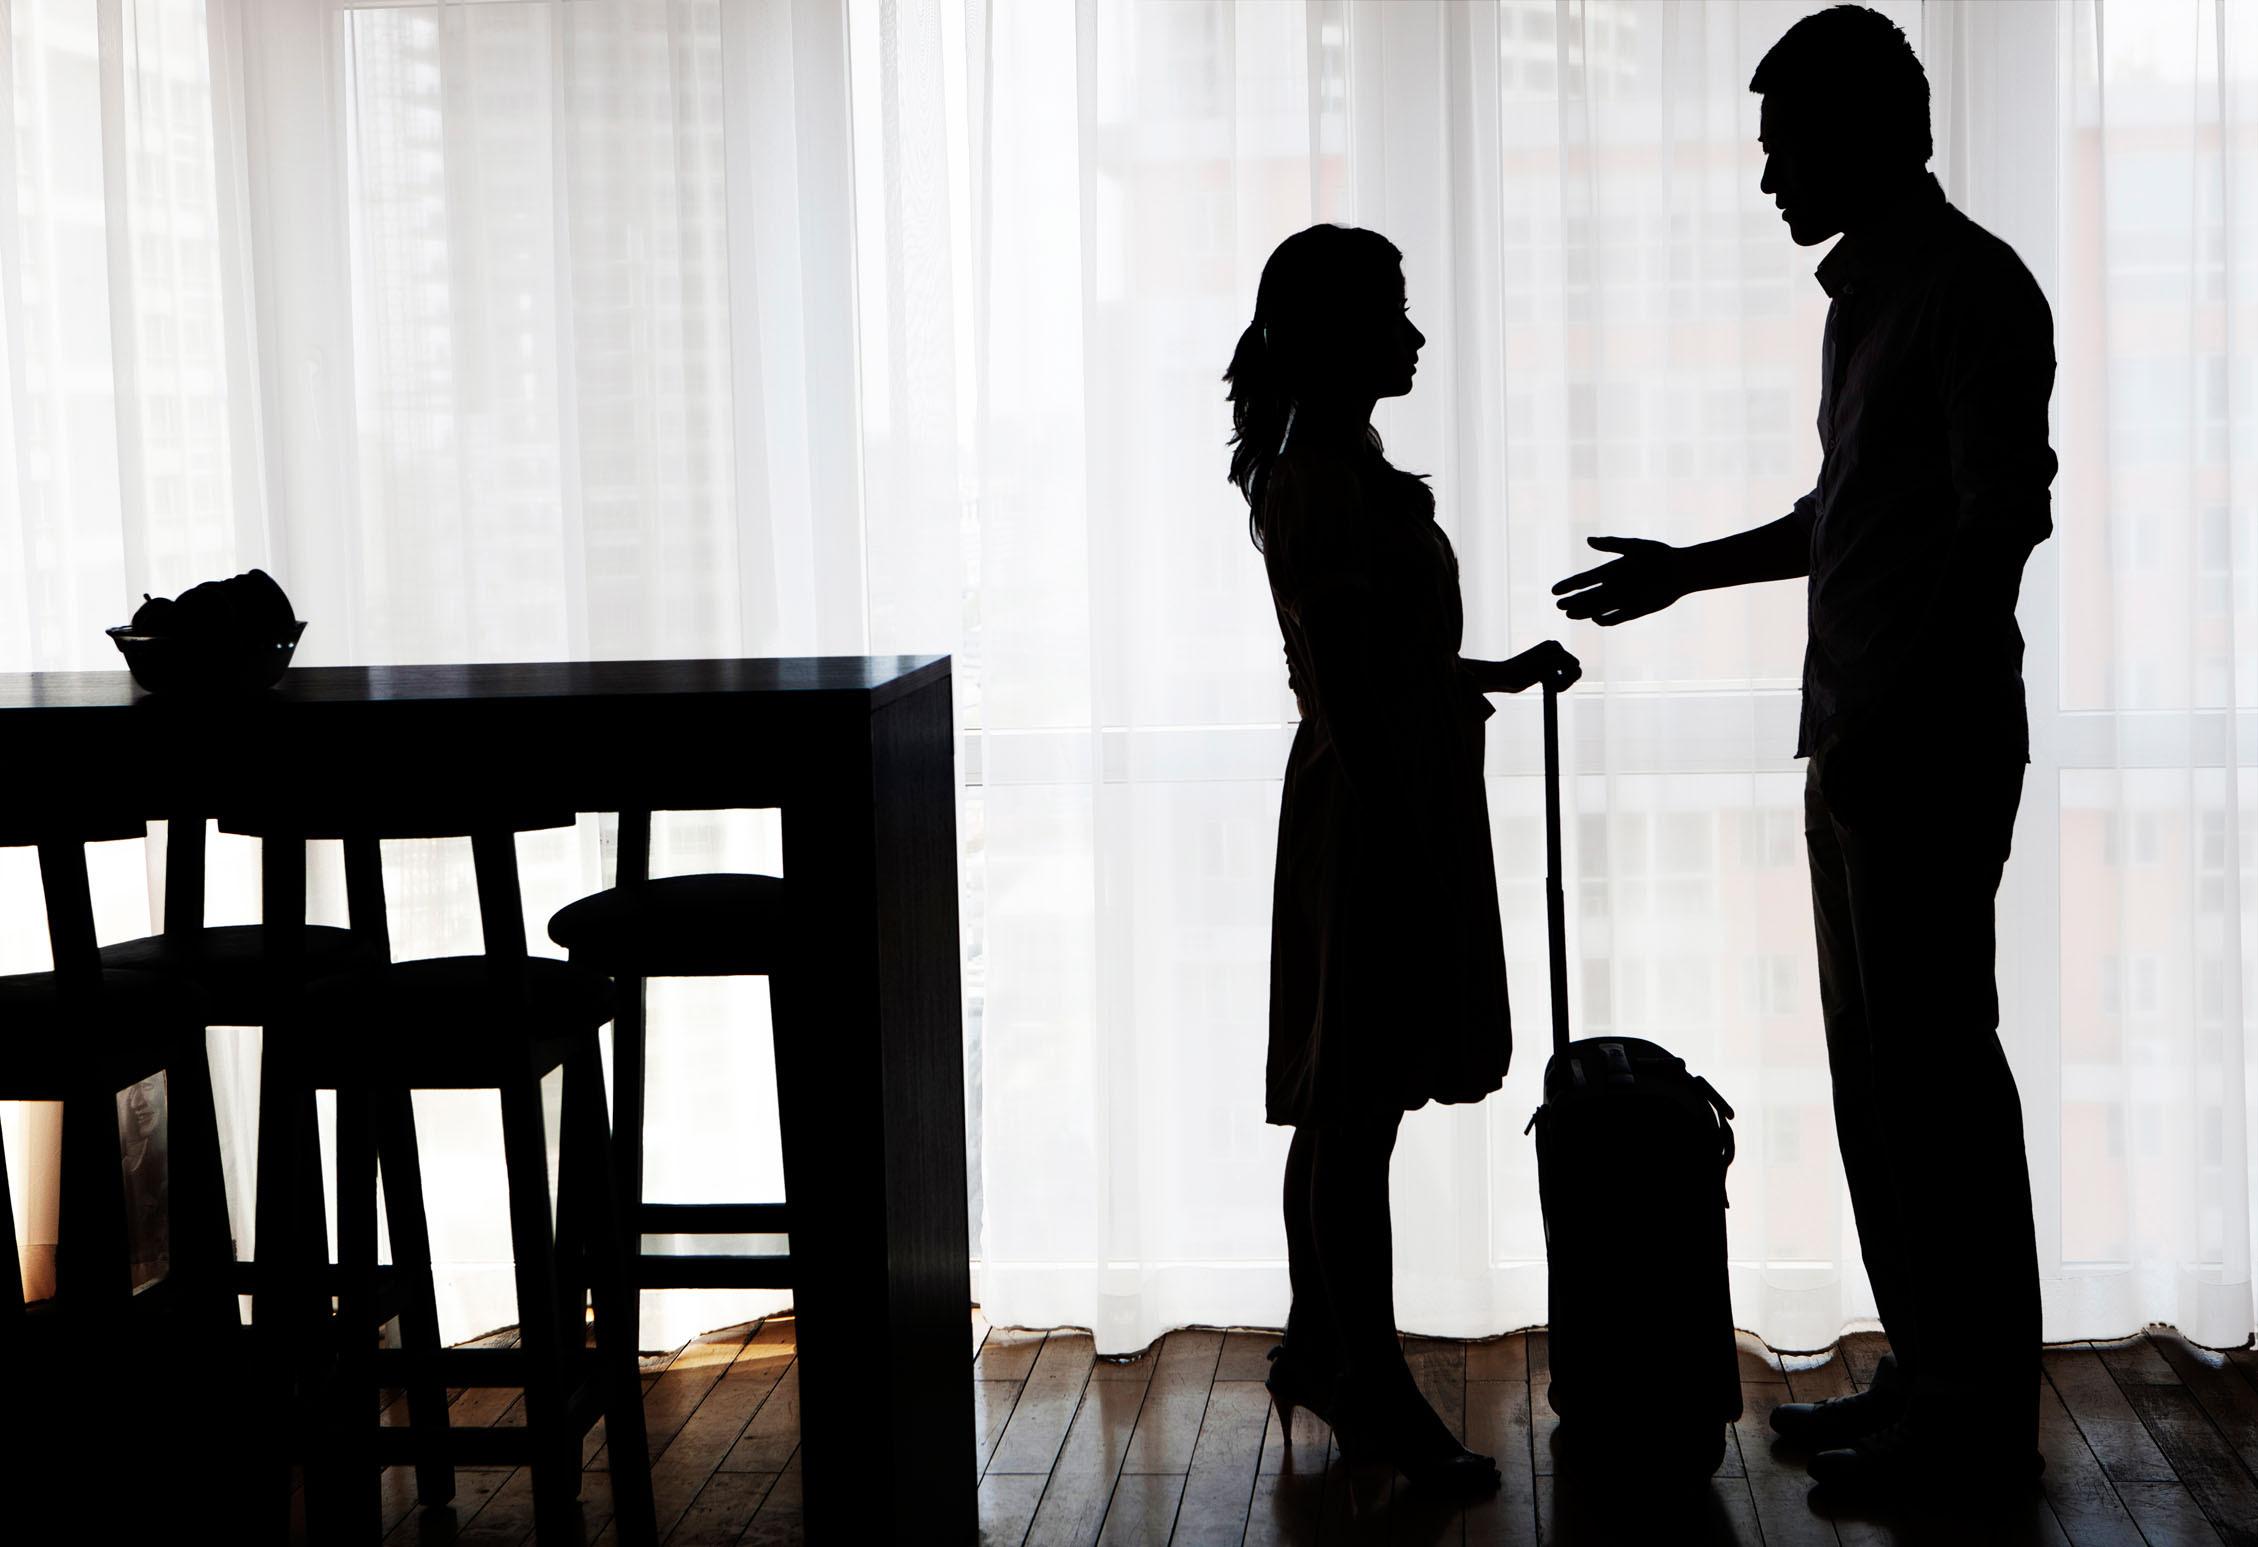 婚后共同财产分割